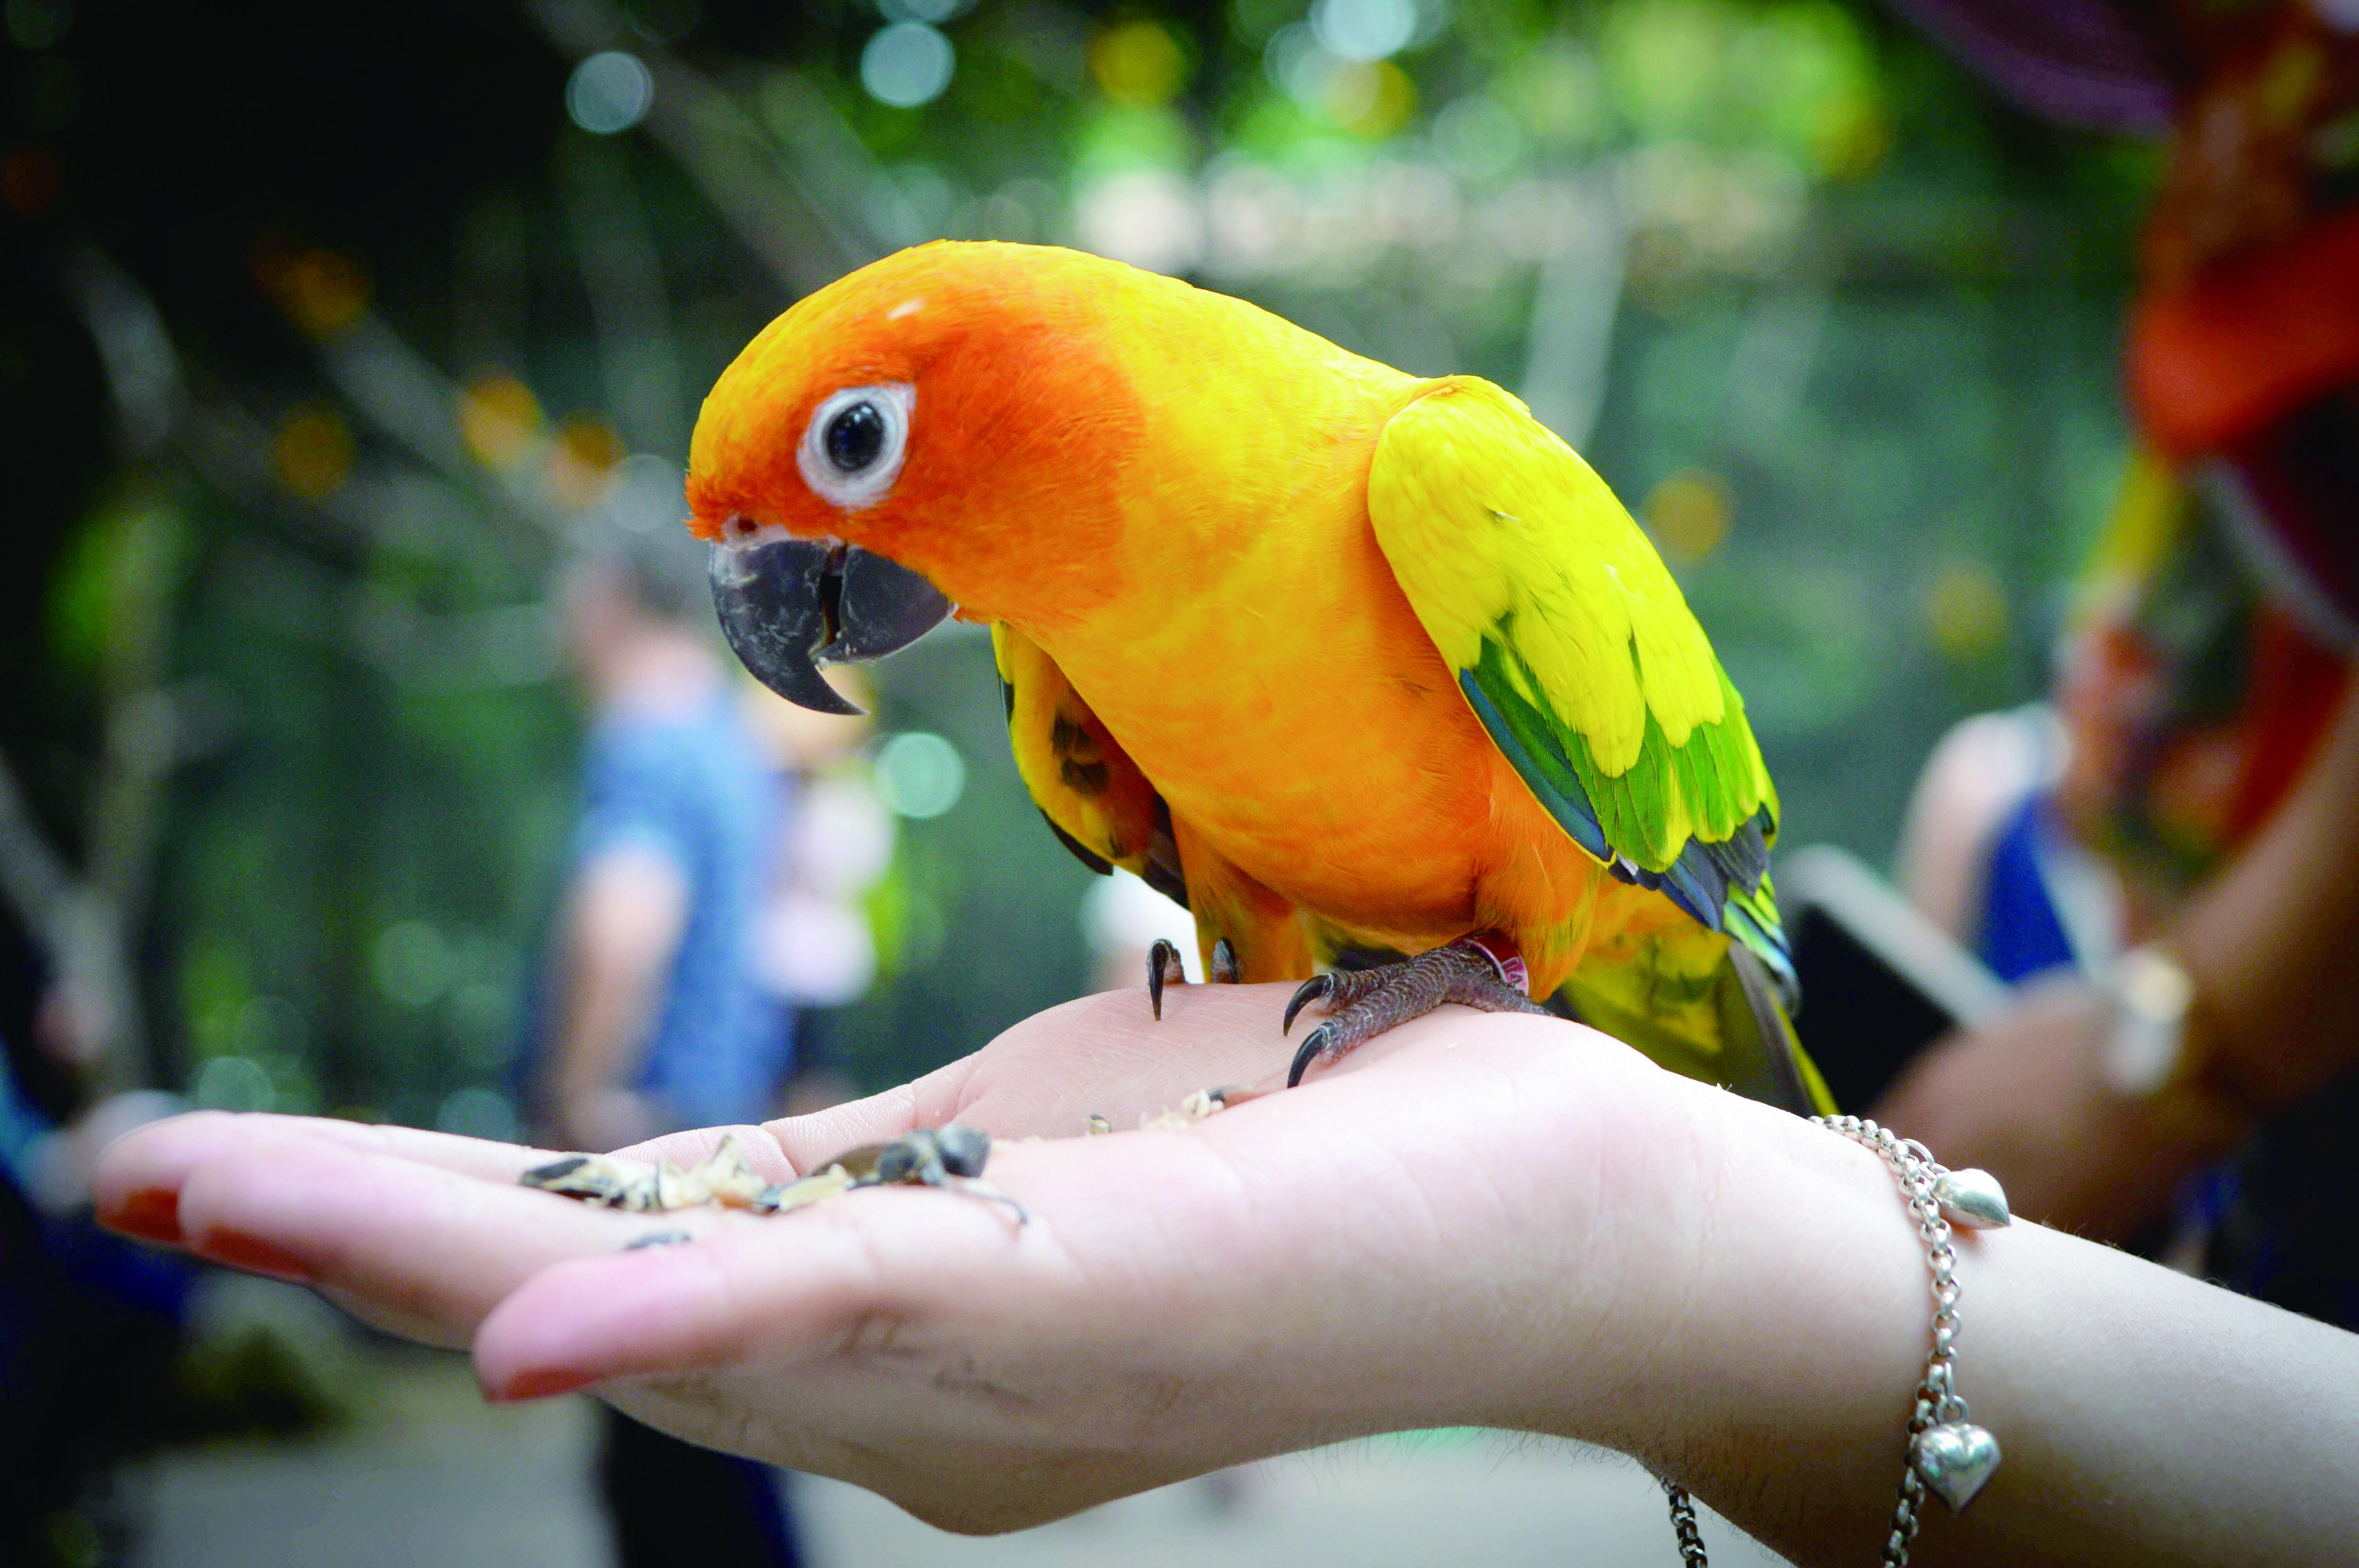 挑選鸚鵡的入門指標與建議